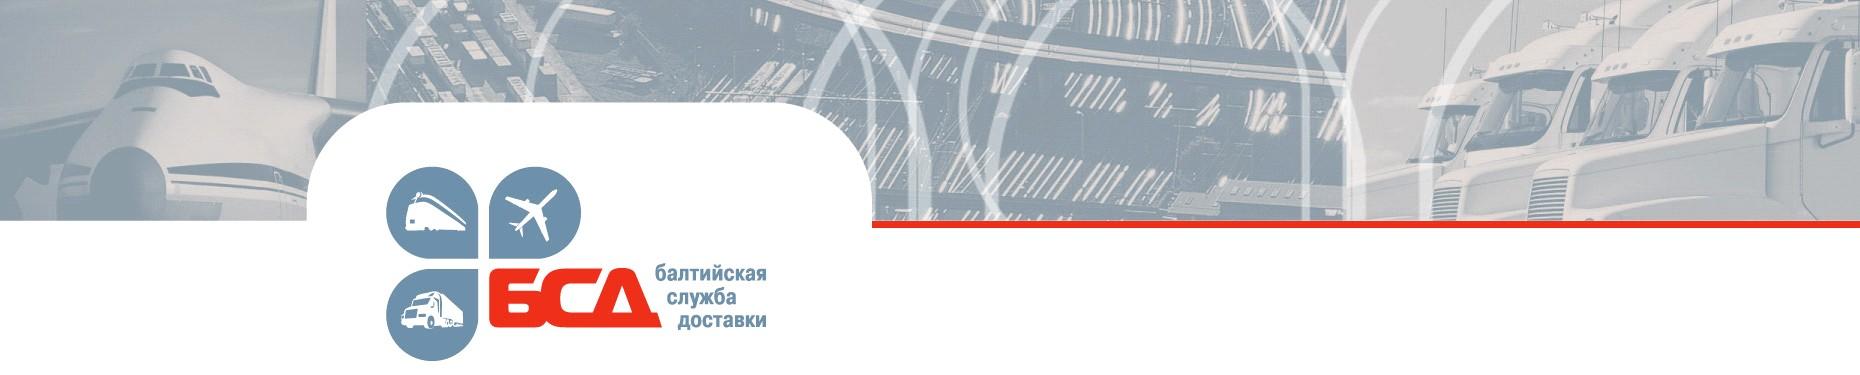 Сайт балтийская транспортная компания сервисы размещения вечных ссылок